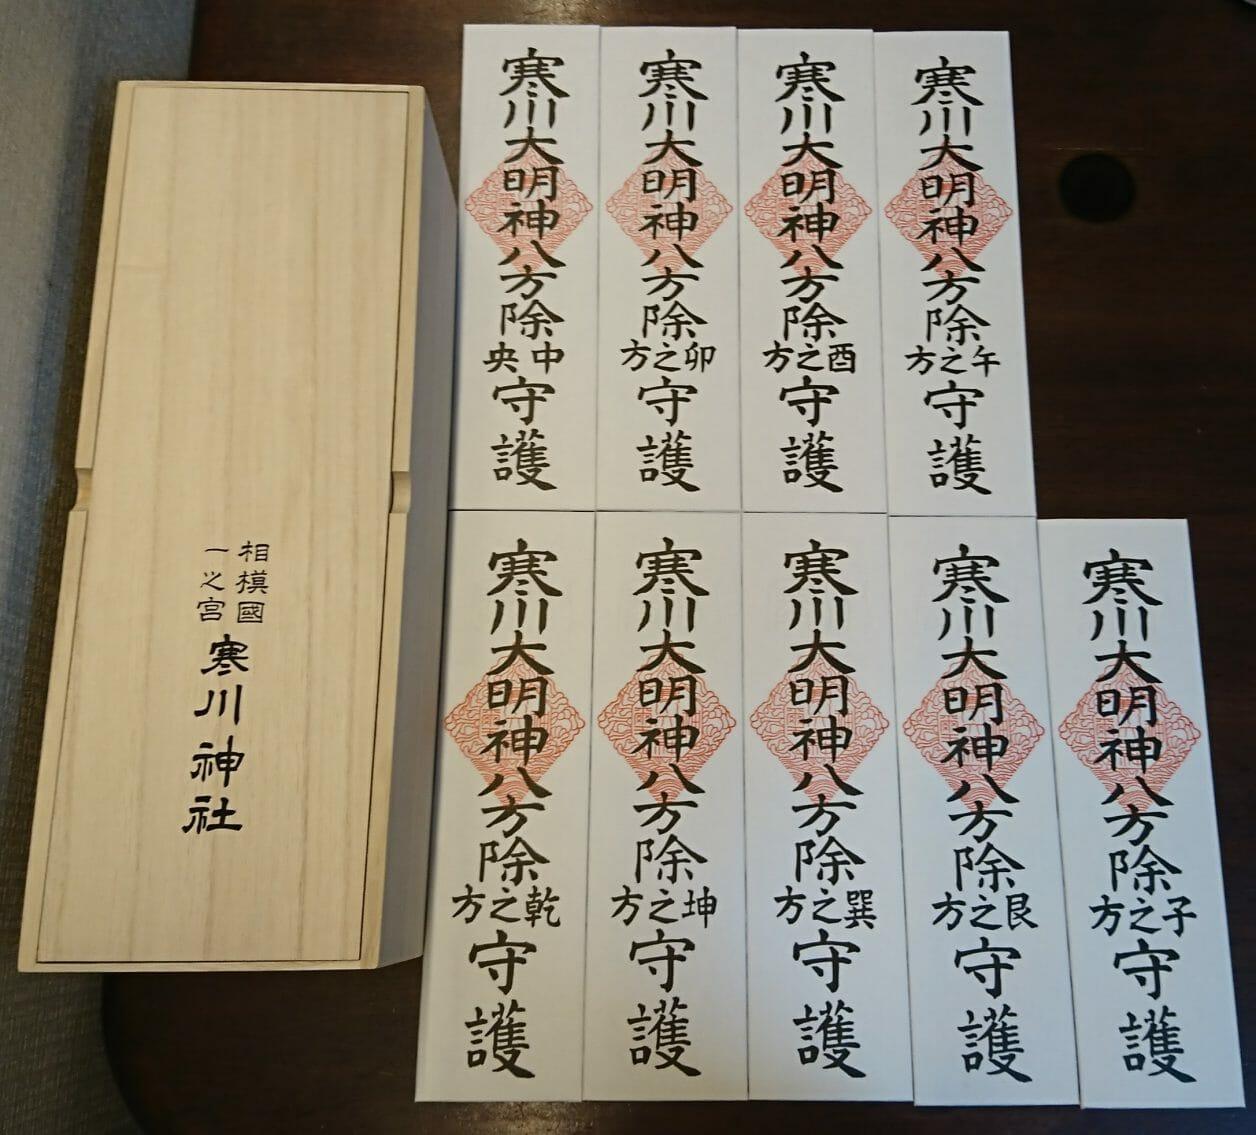 寒川神社でいただいた九体の八方札